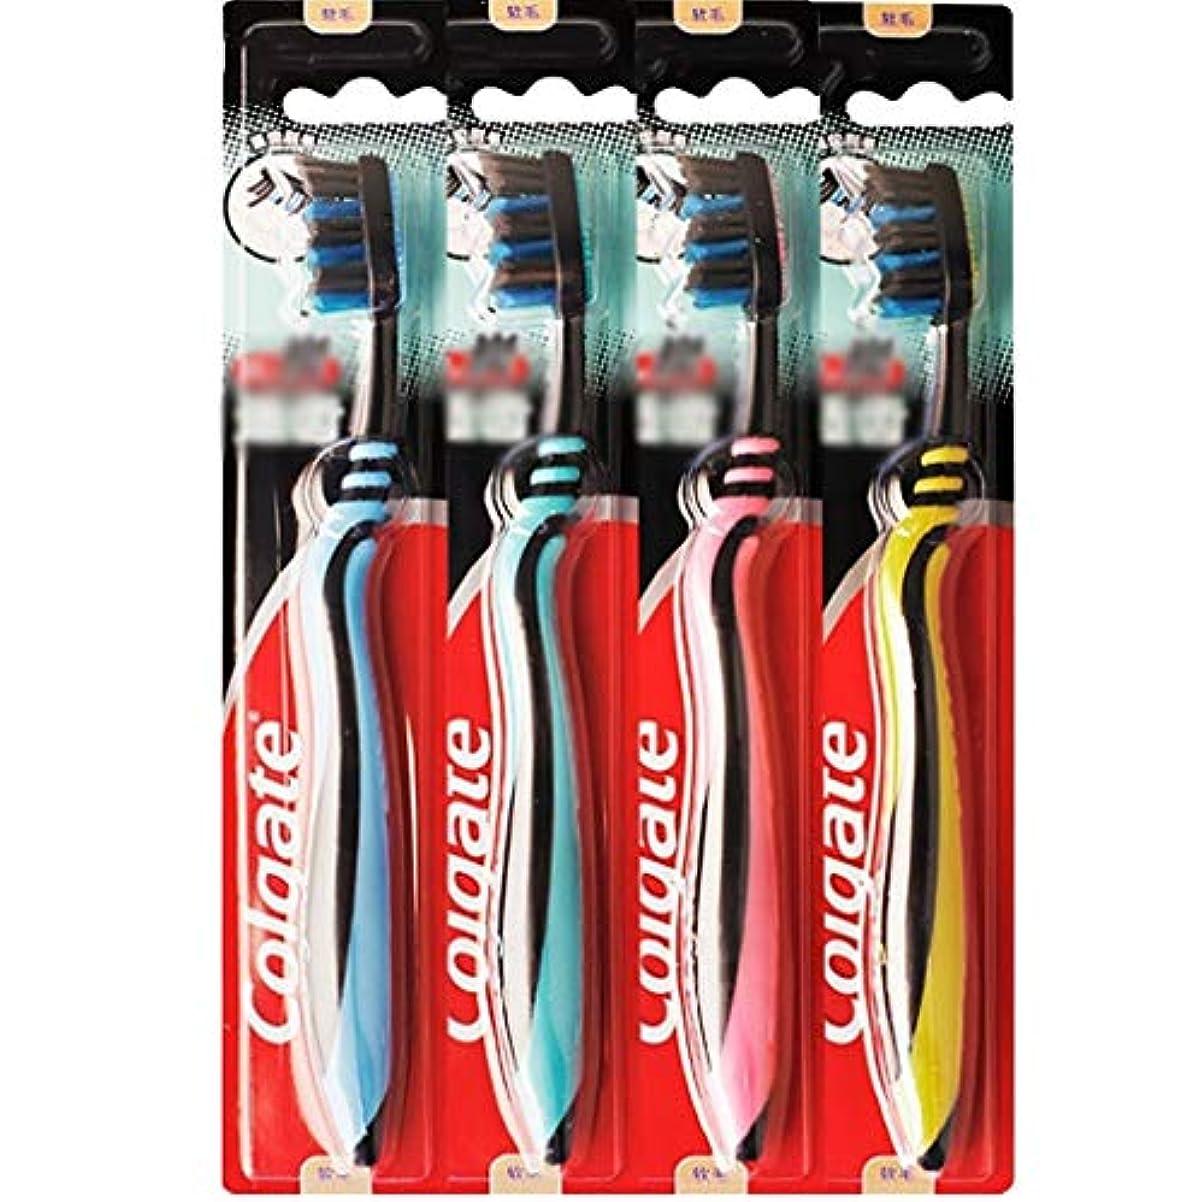 レギュラーモック非アクティブ歯ブラシ 歯の深いクリーニングに適した歯ブラシ、カーボンブラック柔らかい歯ブラシ、4本のスティック HL (色 : A)